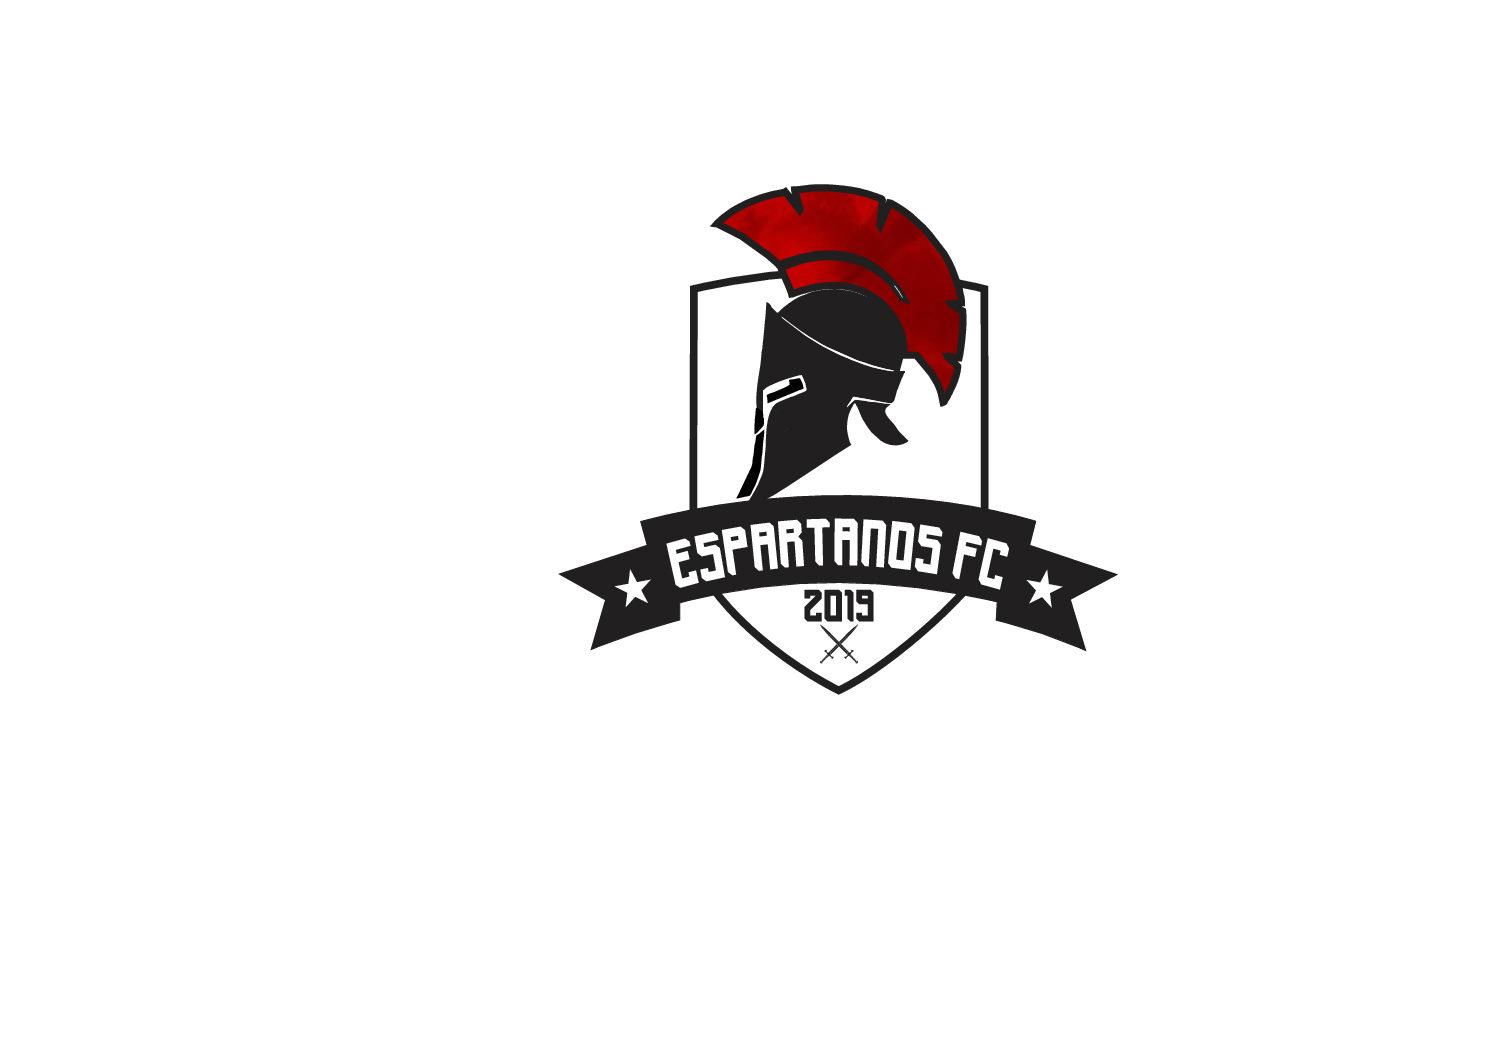 Fardamento personalizado para equipe do Espartanos, da cidade de Alegrete/RS.